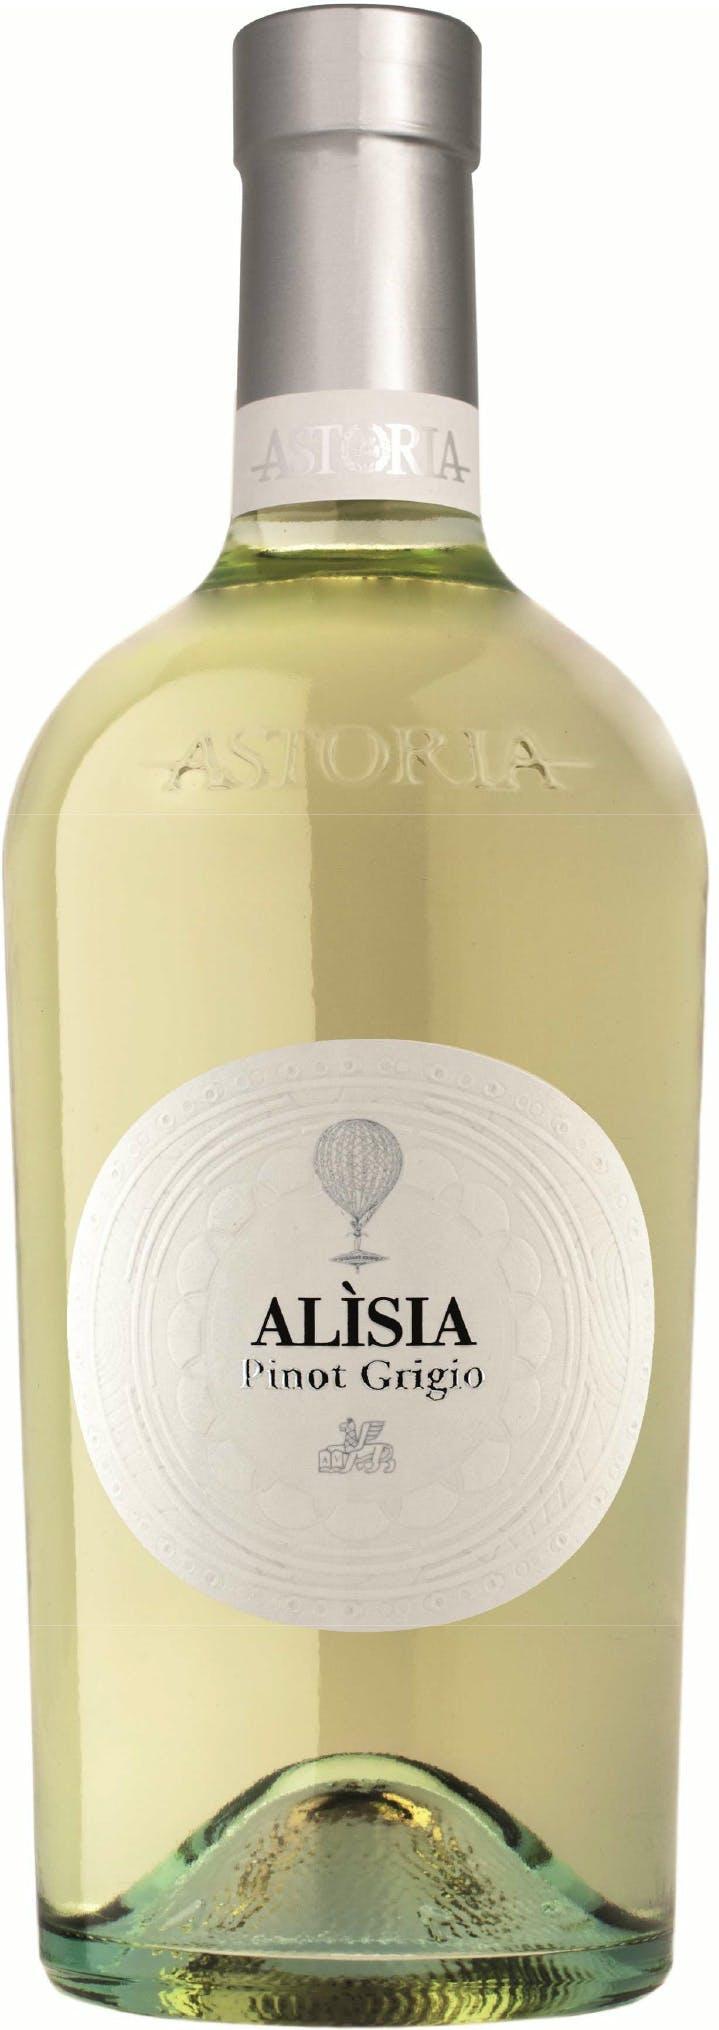 Caudalia wine Box mayo 2020 Pinot Gris Astoria italia